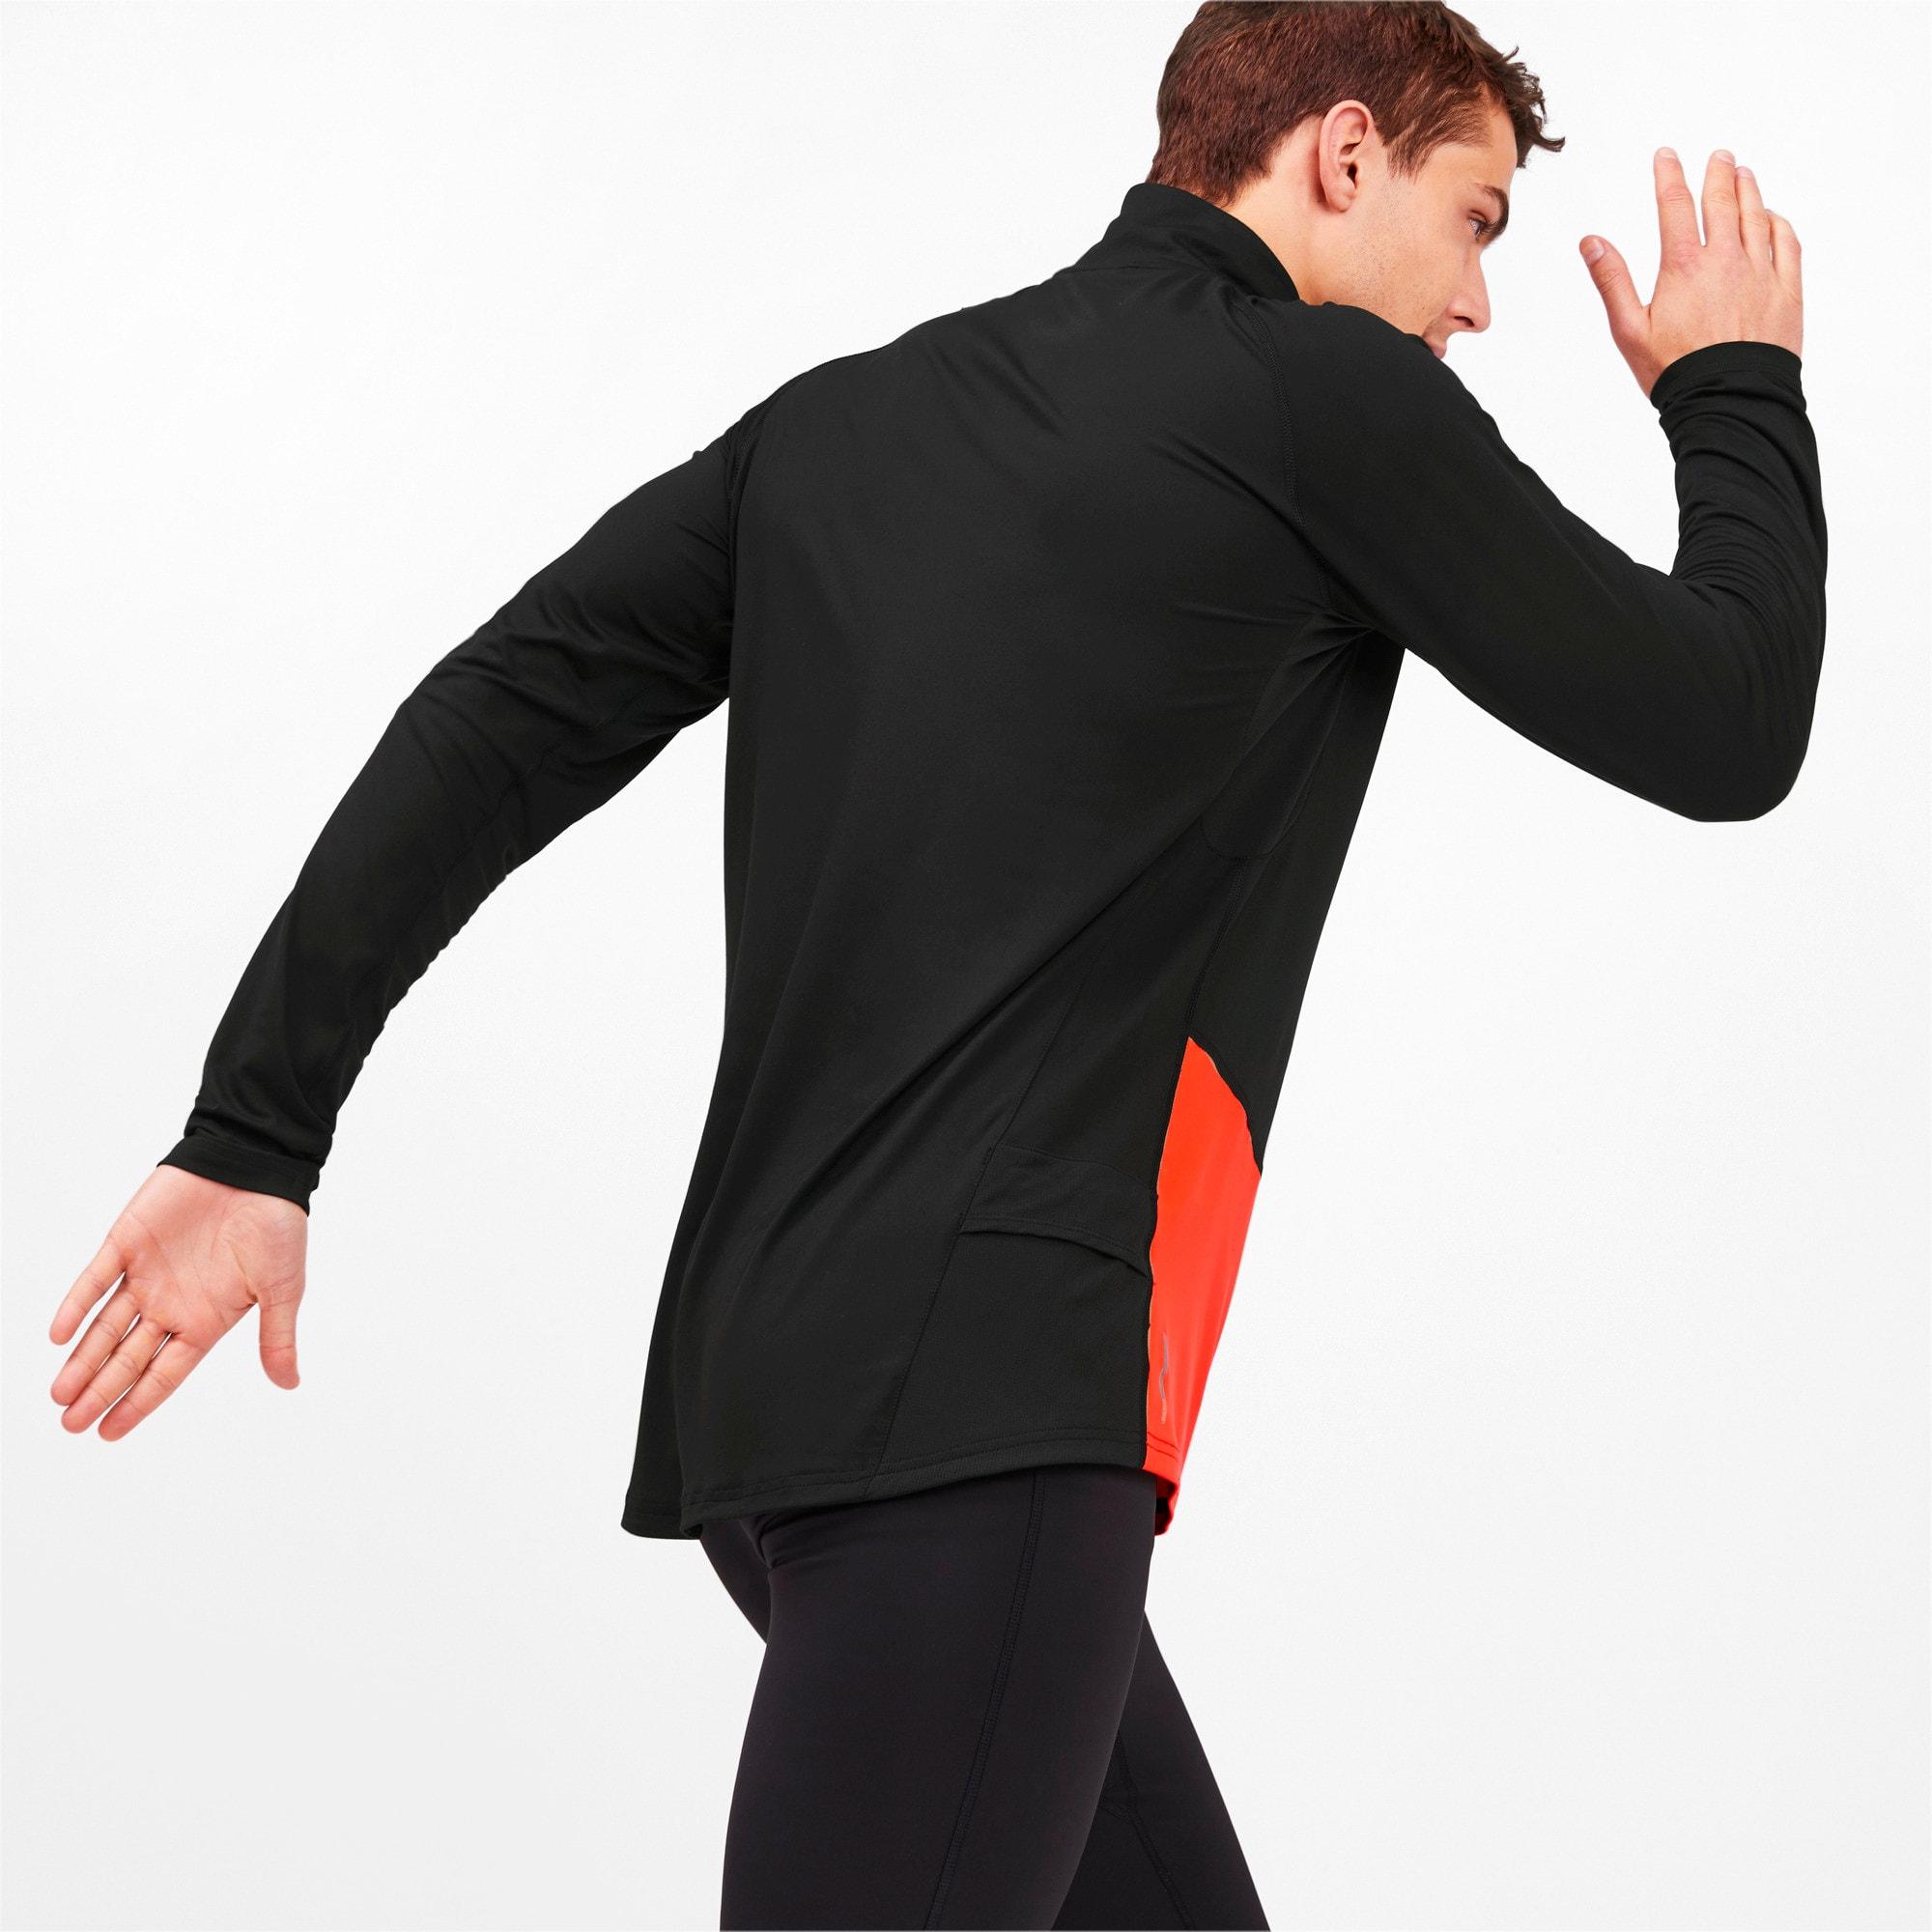 Miniatura 2 de Camiseta sin mangasIgnitecon cierre corto para hombre, Puma Black-Nrgy Red, mediano